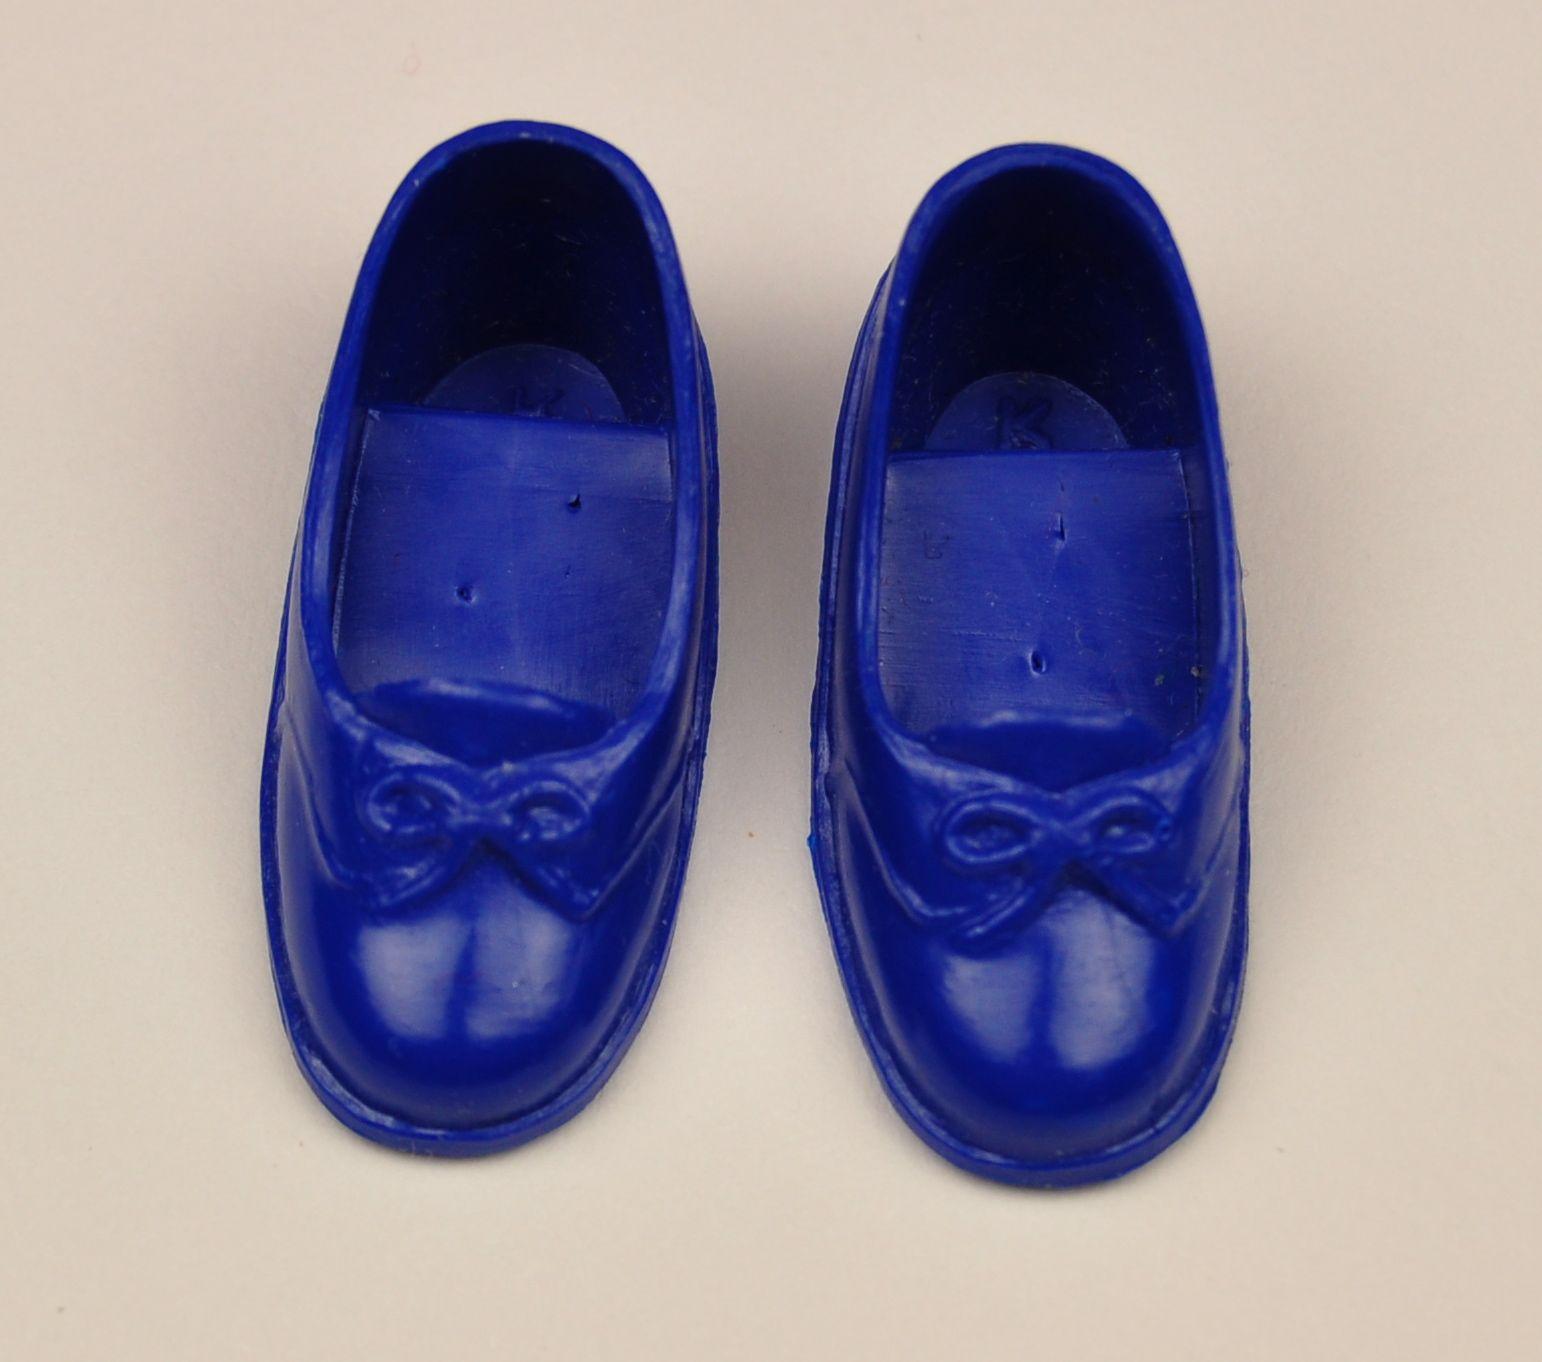 Vintage Miniature Sindy Fashion Doll Blue  Shoes Sandals Mules